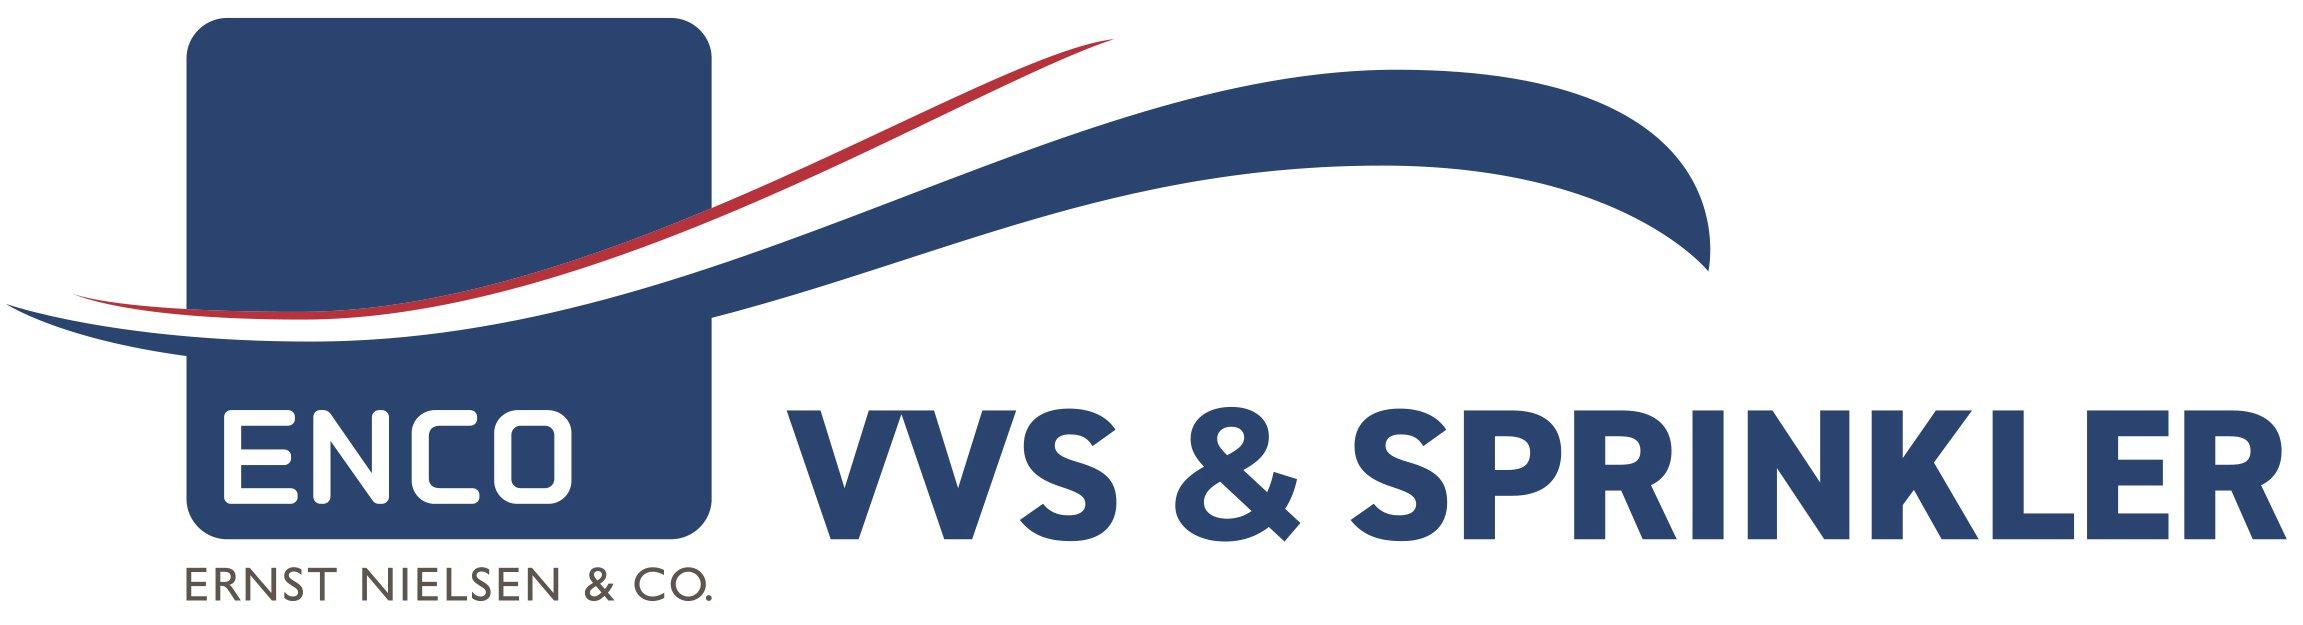 ENCO VVS og sprinkler logo